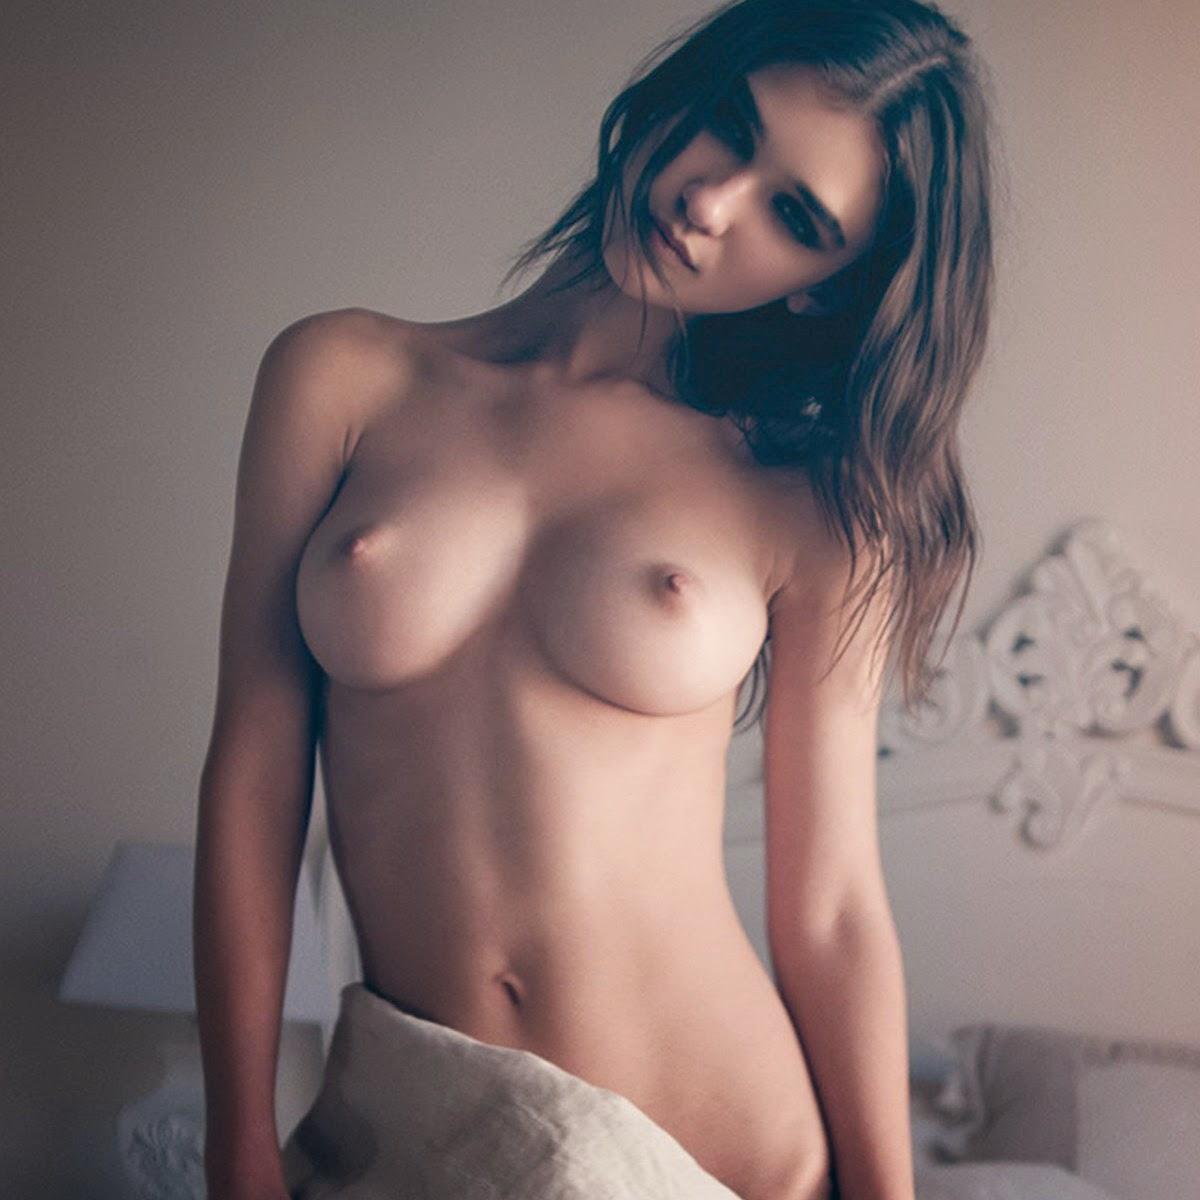 Bulczynska nude paula Nude Photos